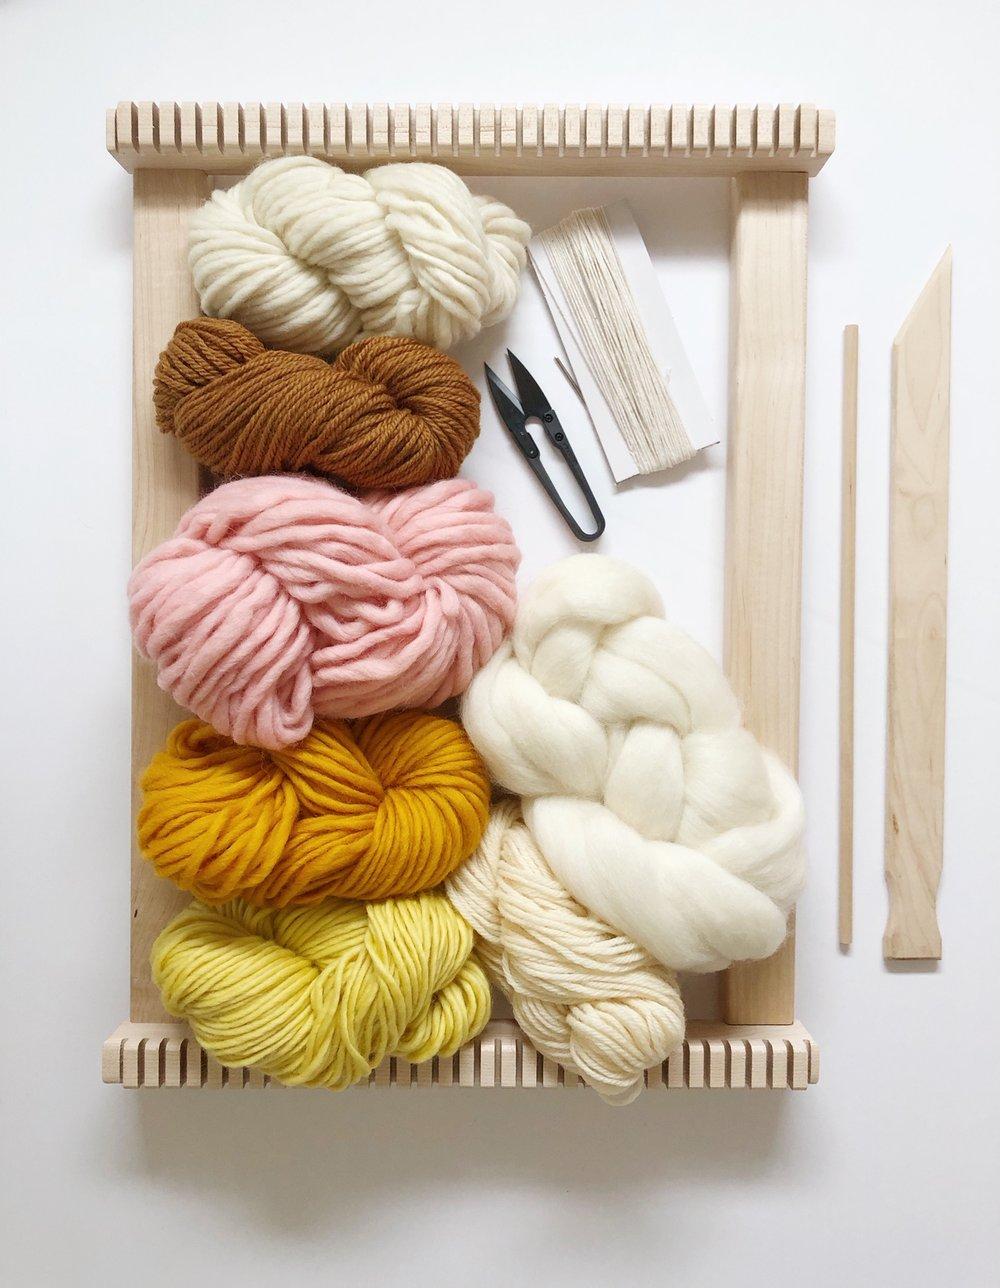 Image of Maple Beginner's Weaving Kit-Rise